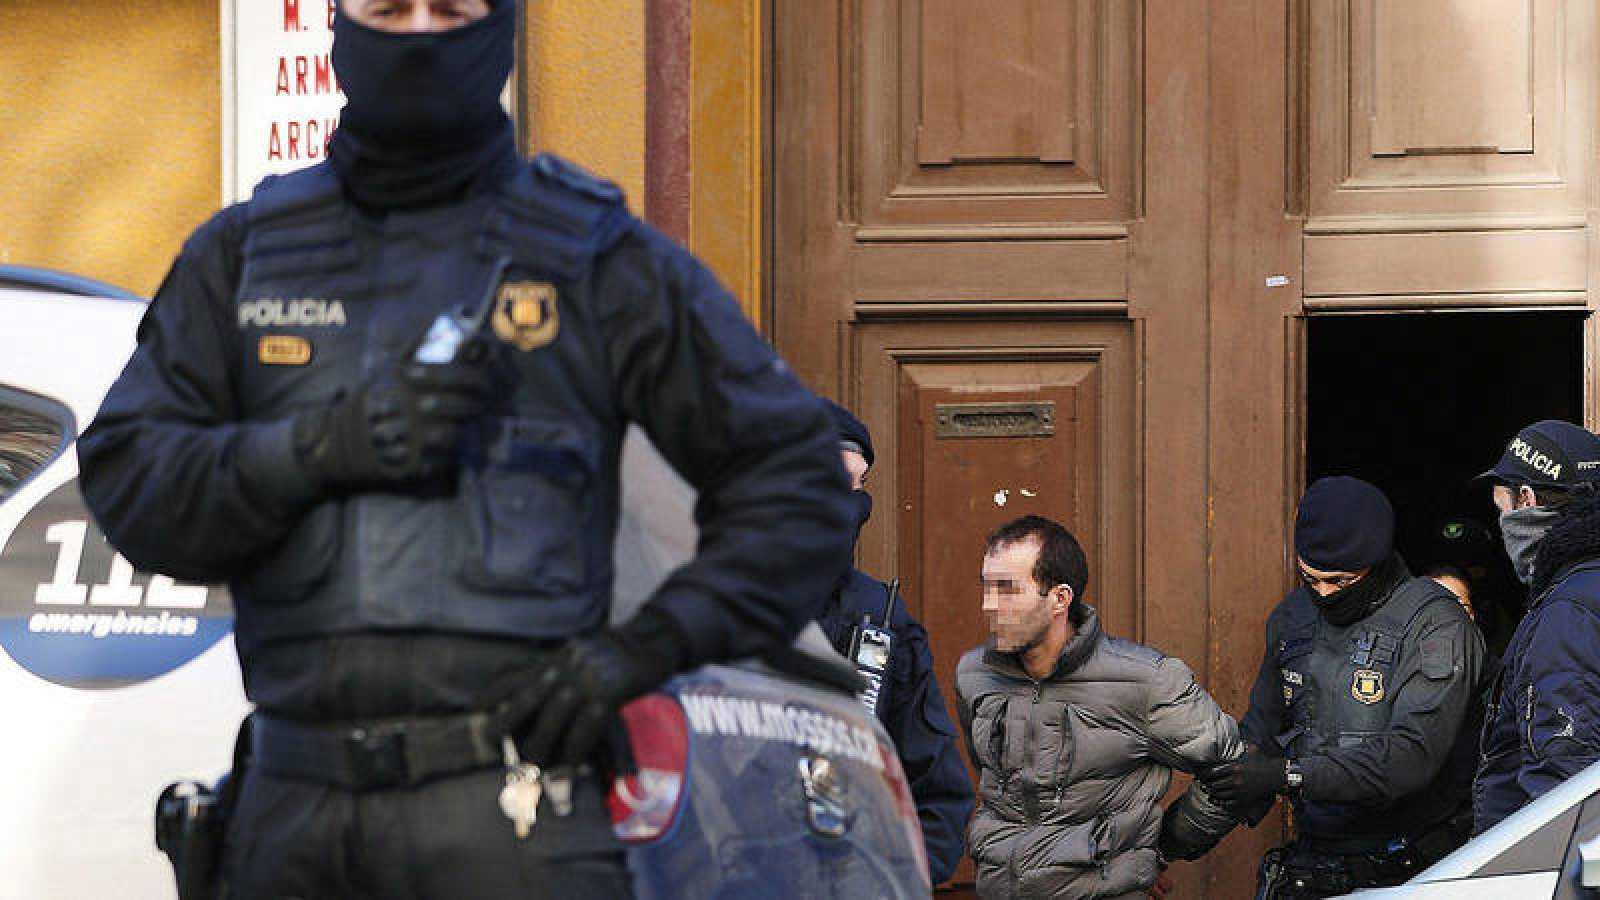 Los Mossos d,Esquadra trasladan a uno de los detenidos en el distrito de el Clot de Barcelona, tras efectuar desde primera hora de la mañana una operación antiterrorista contra una célula yihadista en Barcelona e Igualada. EFE/Alejandro García